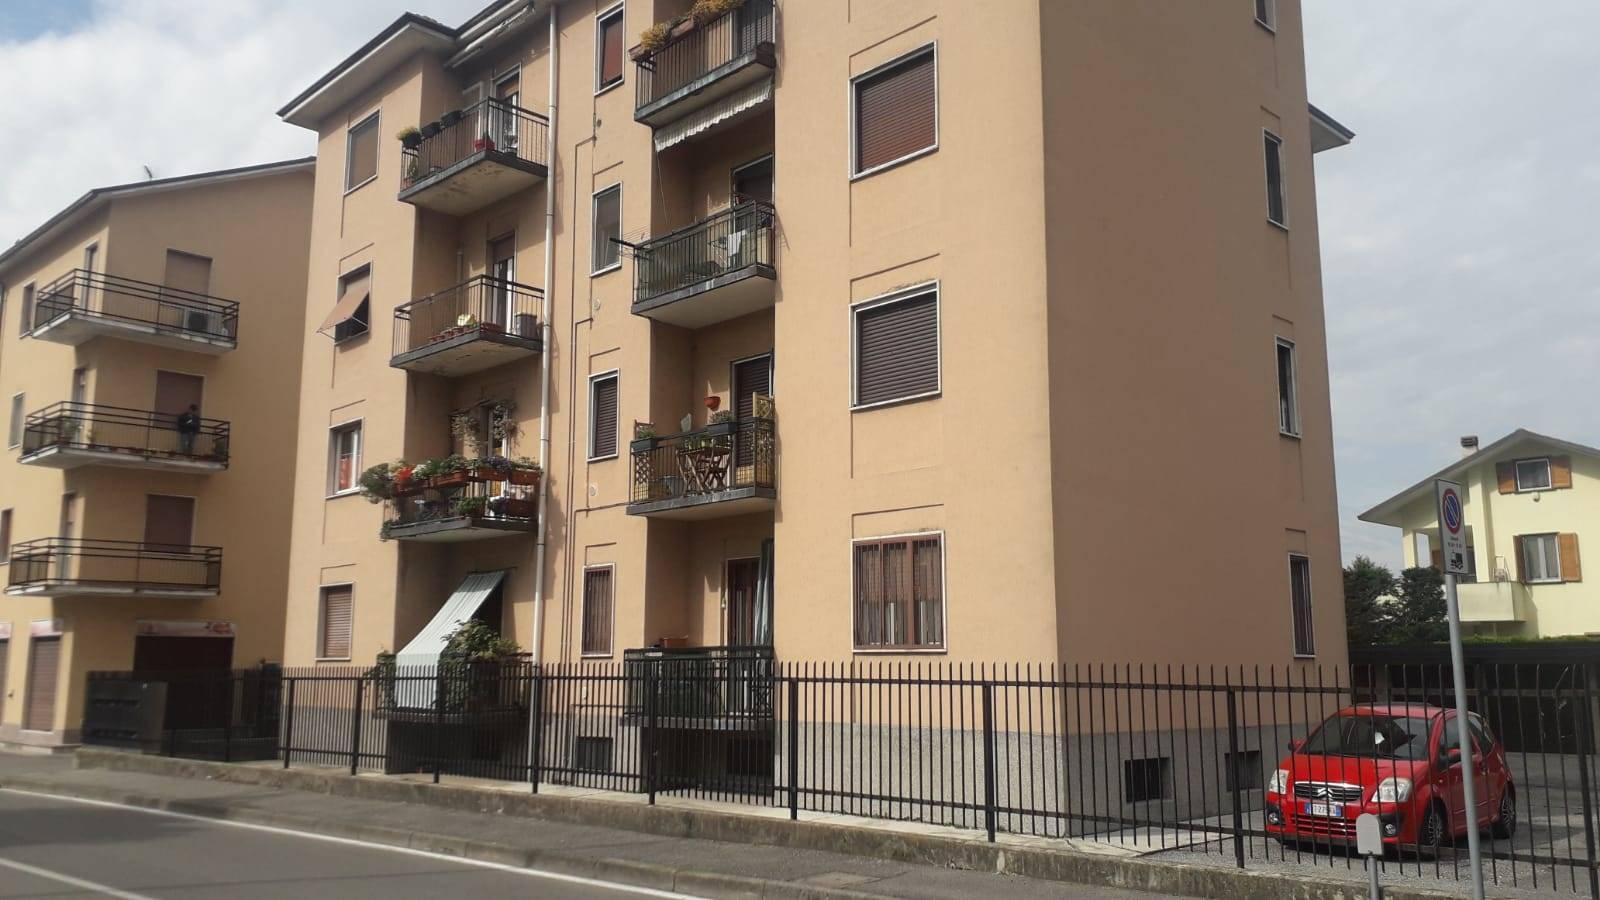 UBICAZIONE: Cernusco sul naviglio - Via Mameli - in palazzina di 4 piani. TIPOLOGIA: Appartamento di due locali di circa 65 mq composto da soggiorno, cucina abitabile, camera matrimoniale, bagno e